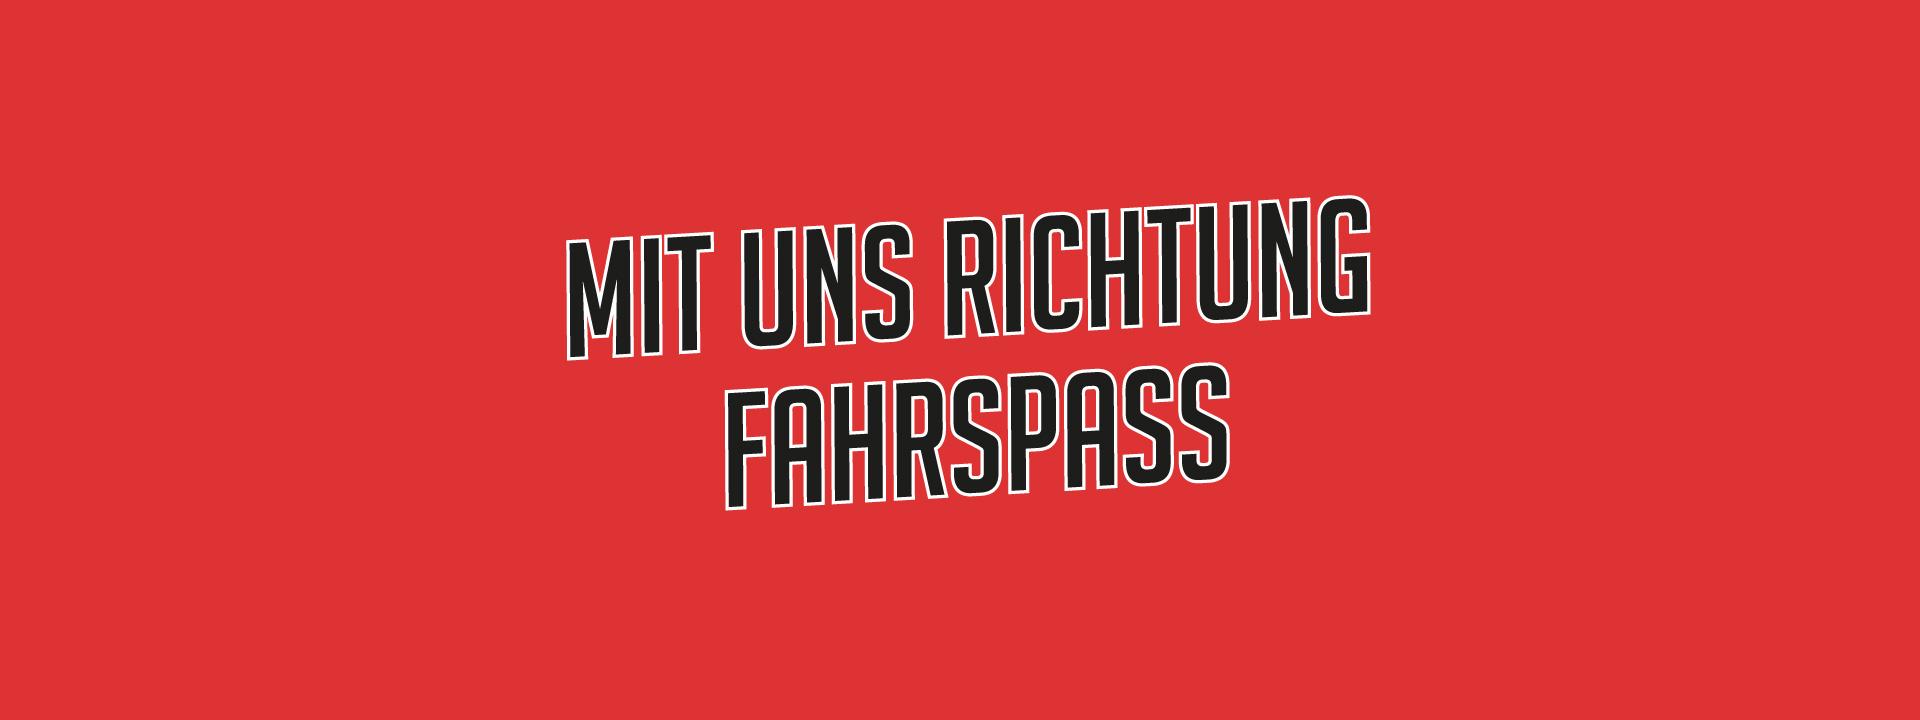 fahrschule-heck-frankenthal-fahrspass-lkw